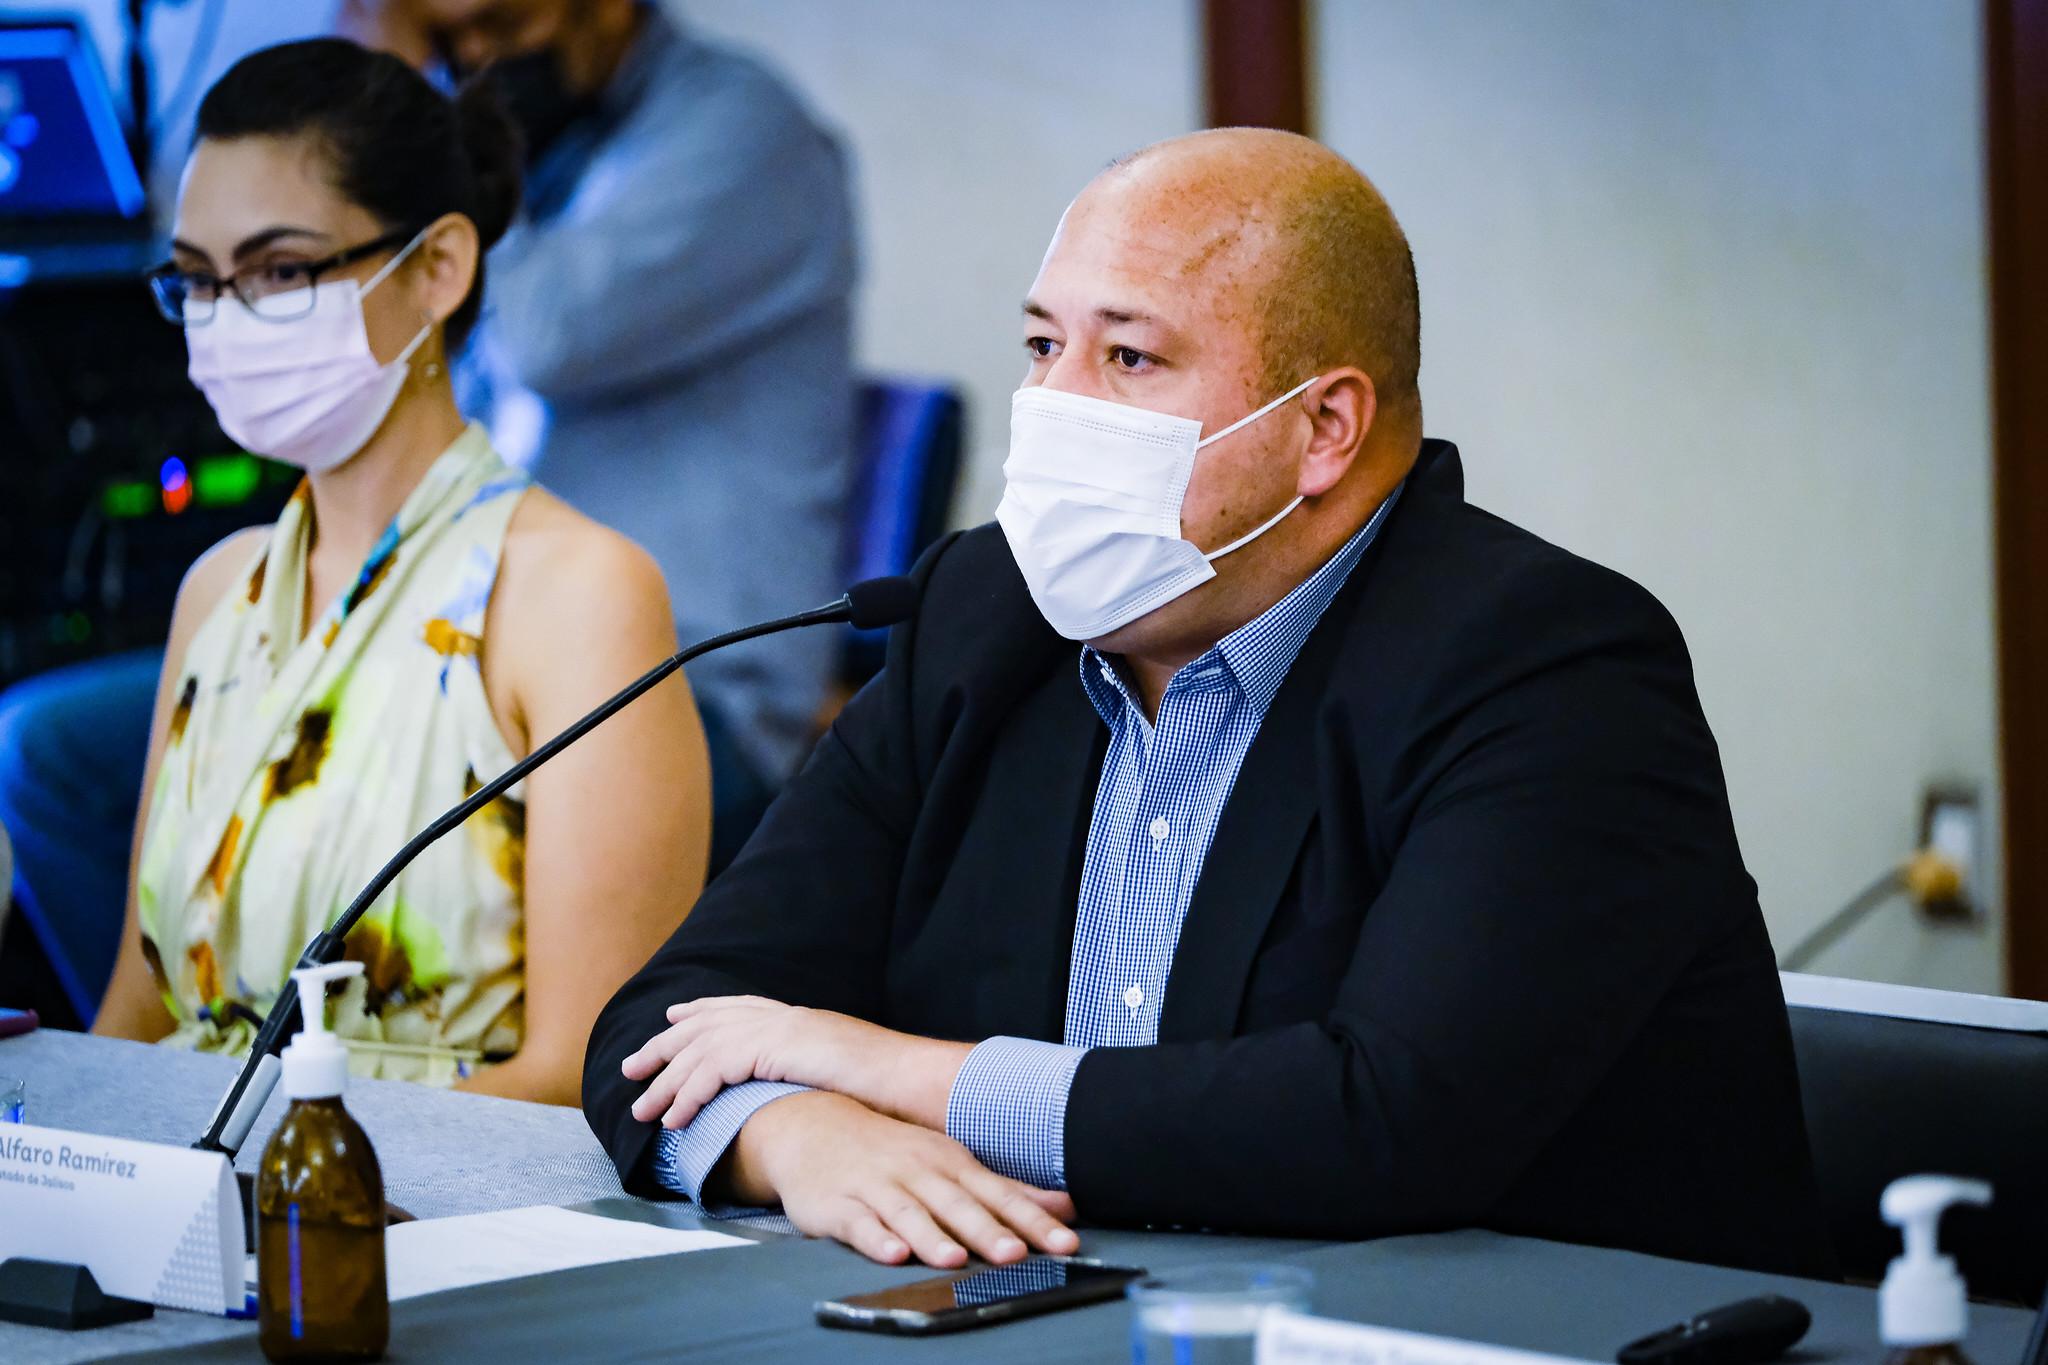 Gobierno de Jalisco otorgará apoyos a las familias afectadas por los recientes fenómenos naturales en estado